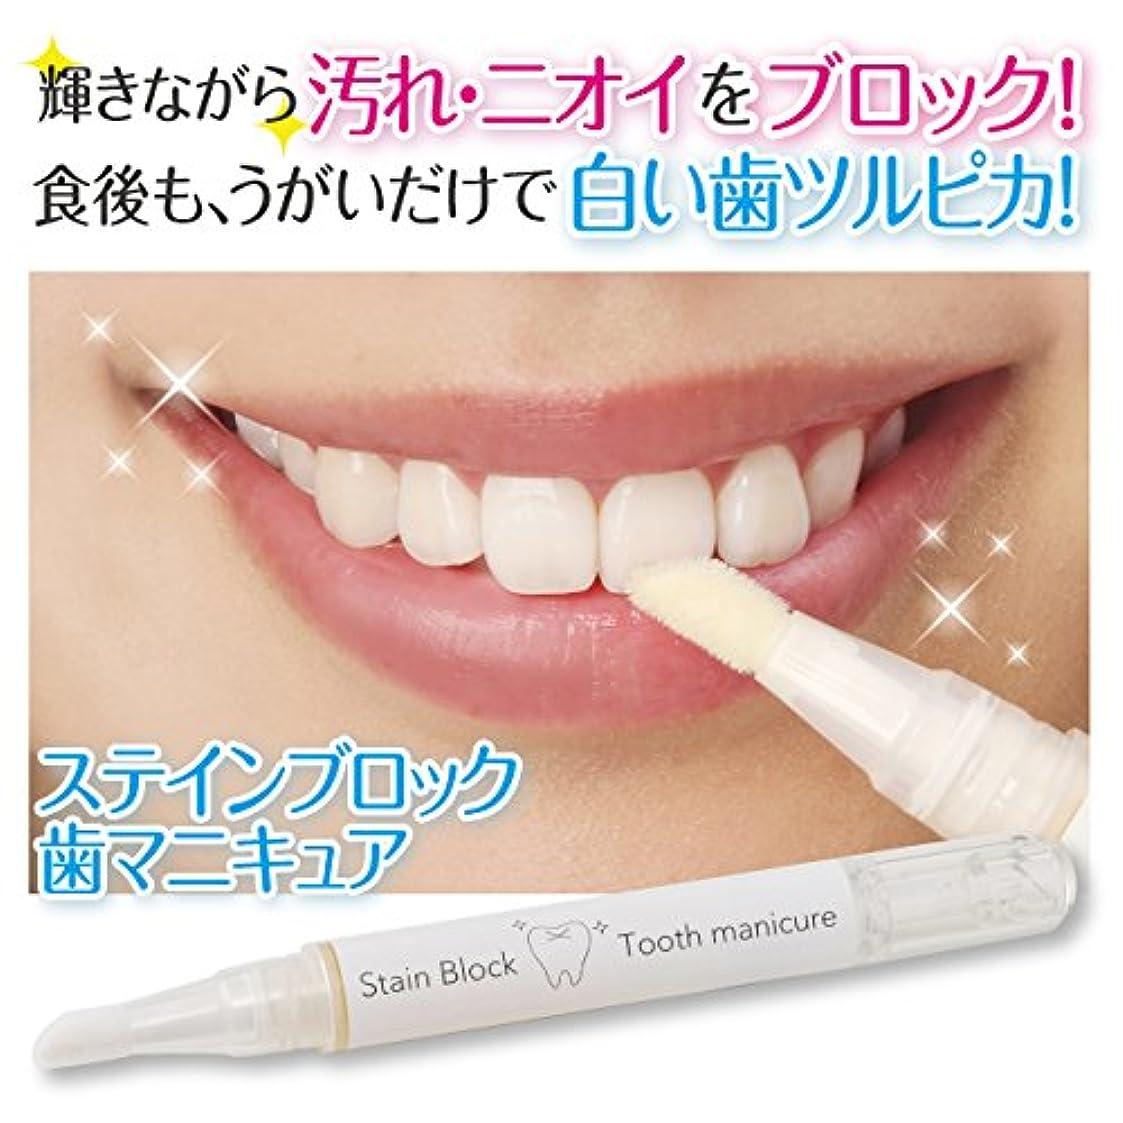 解き明かす震え見分けるステインブロック歯マニキュア